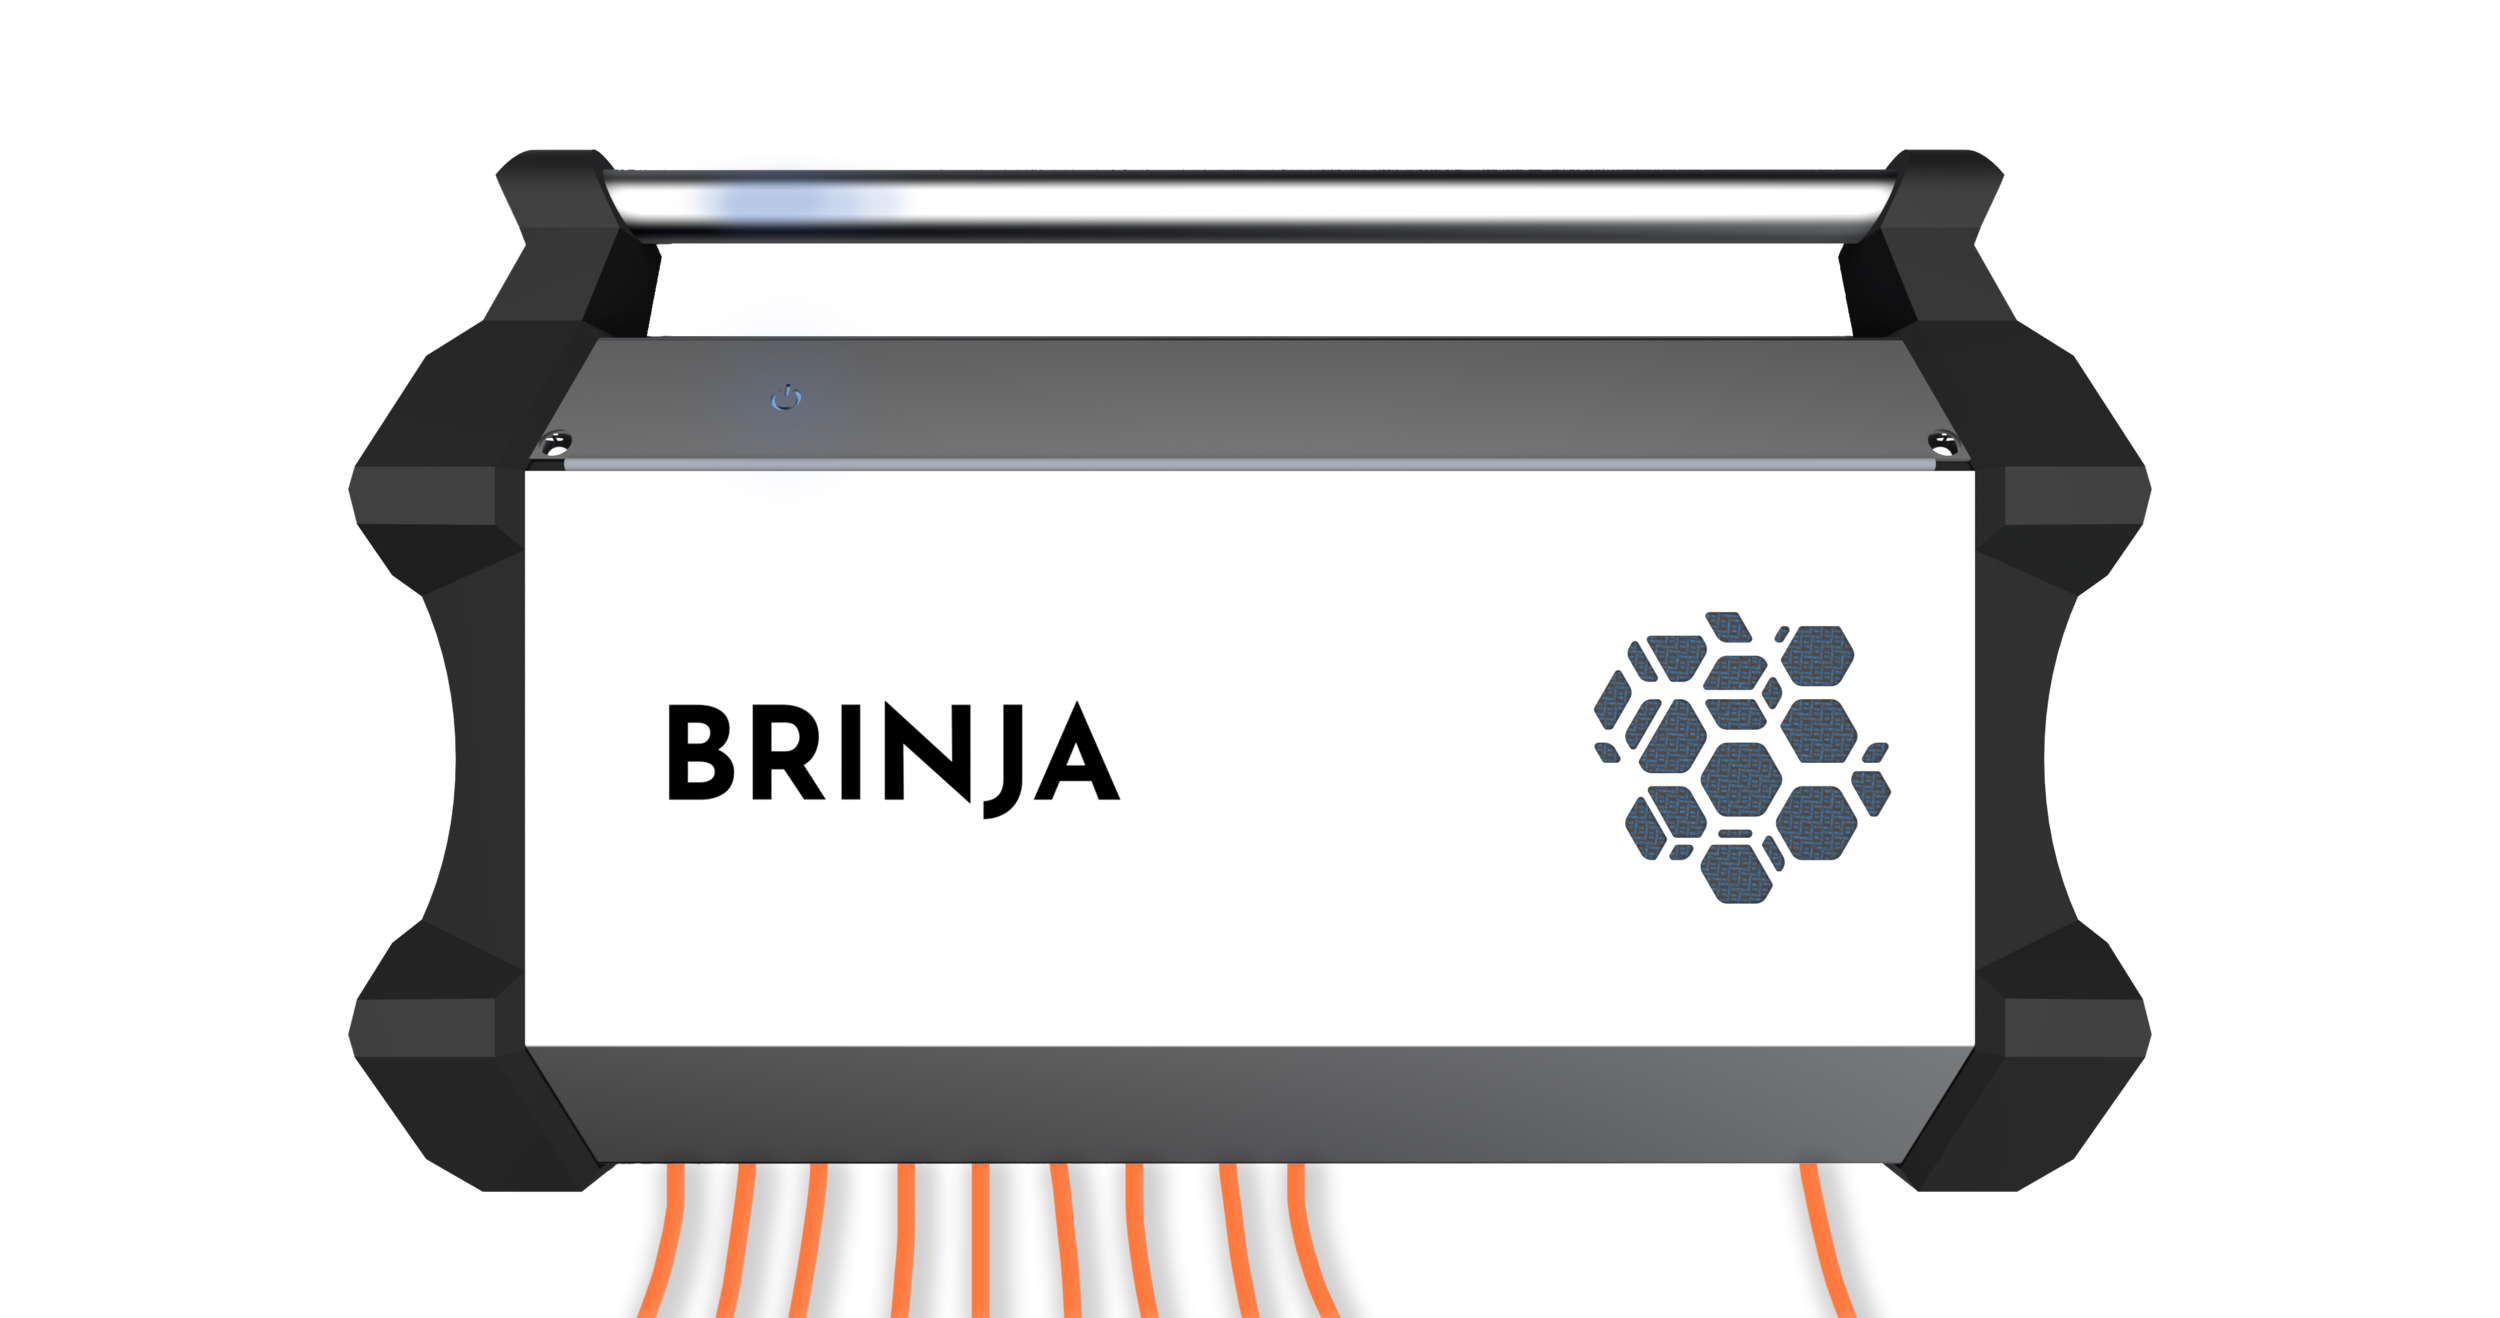 Brinja box transp w cords[1].png